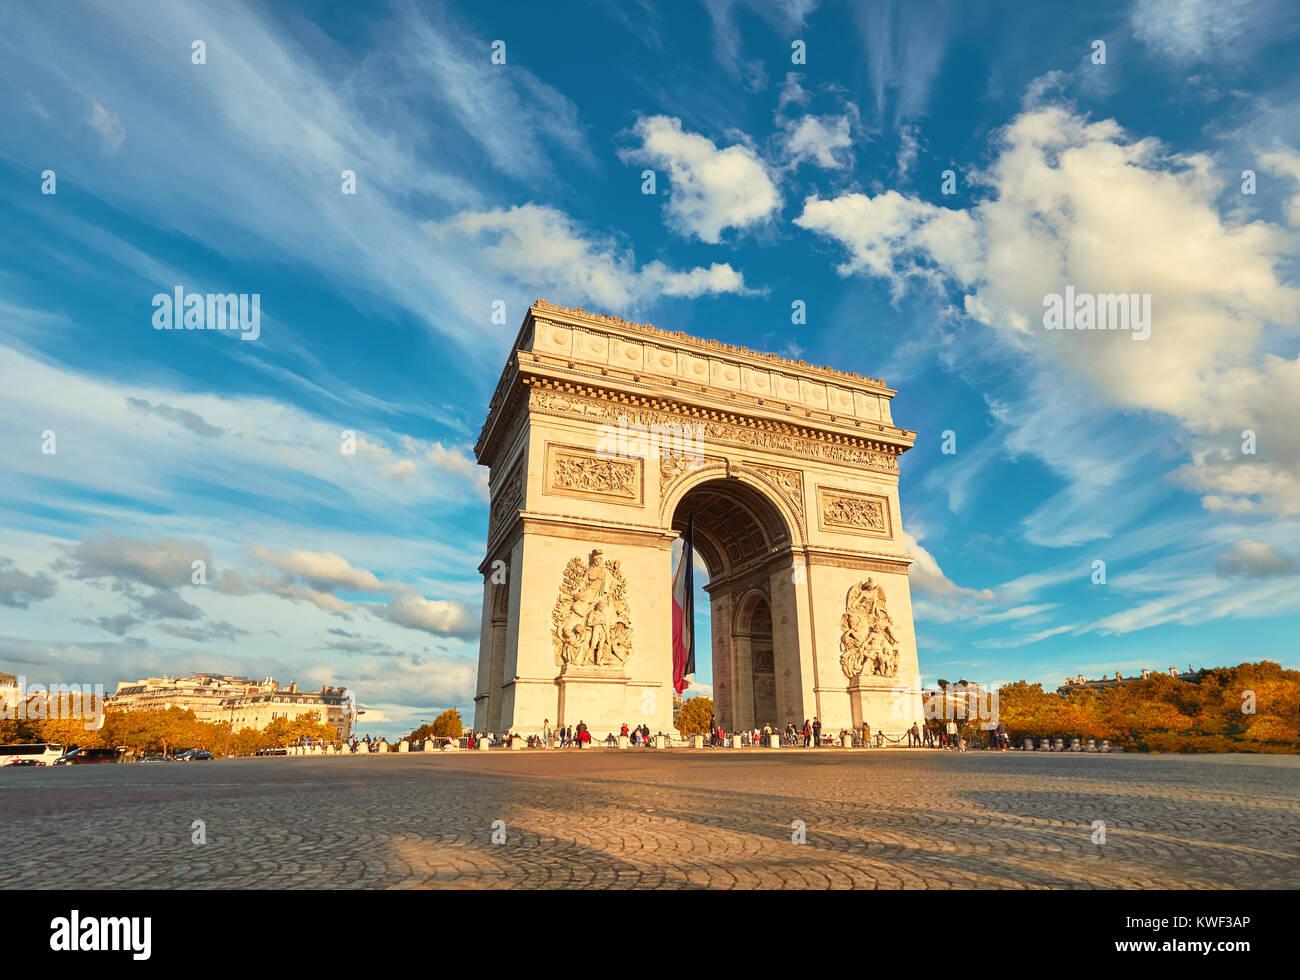 Arc de Triomphe à Paris avec de beaux nuages derrière sur un bel après-midi d'automne. Vue panoramique Photo Stock